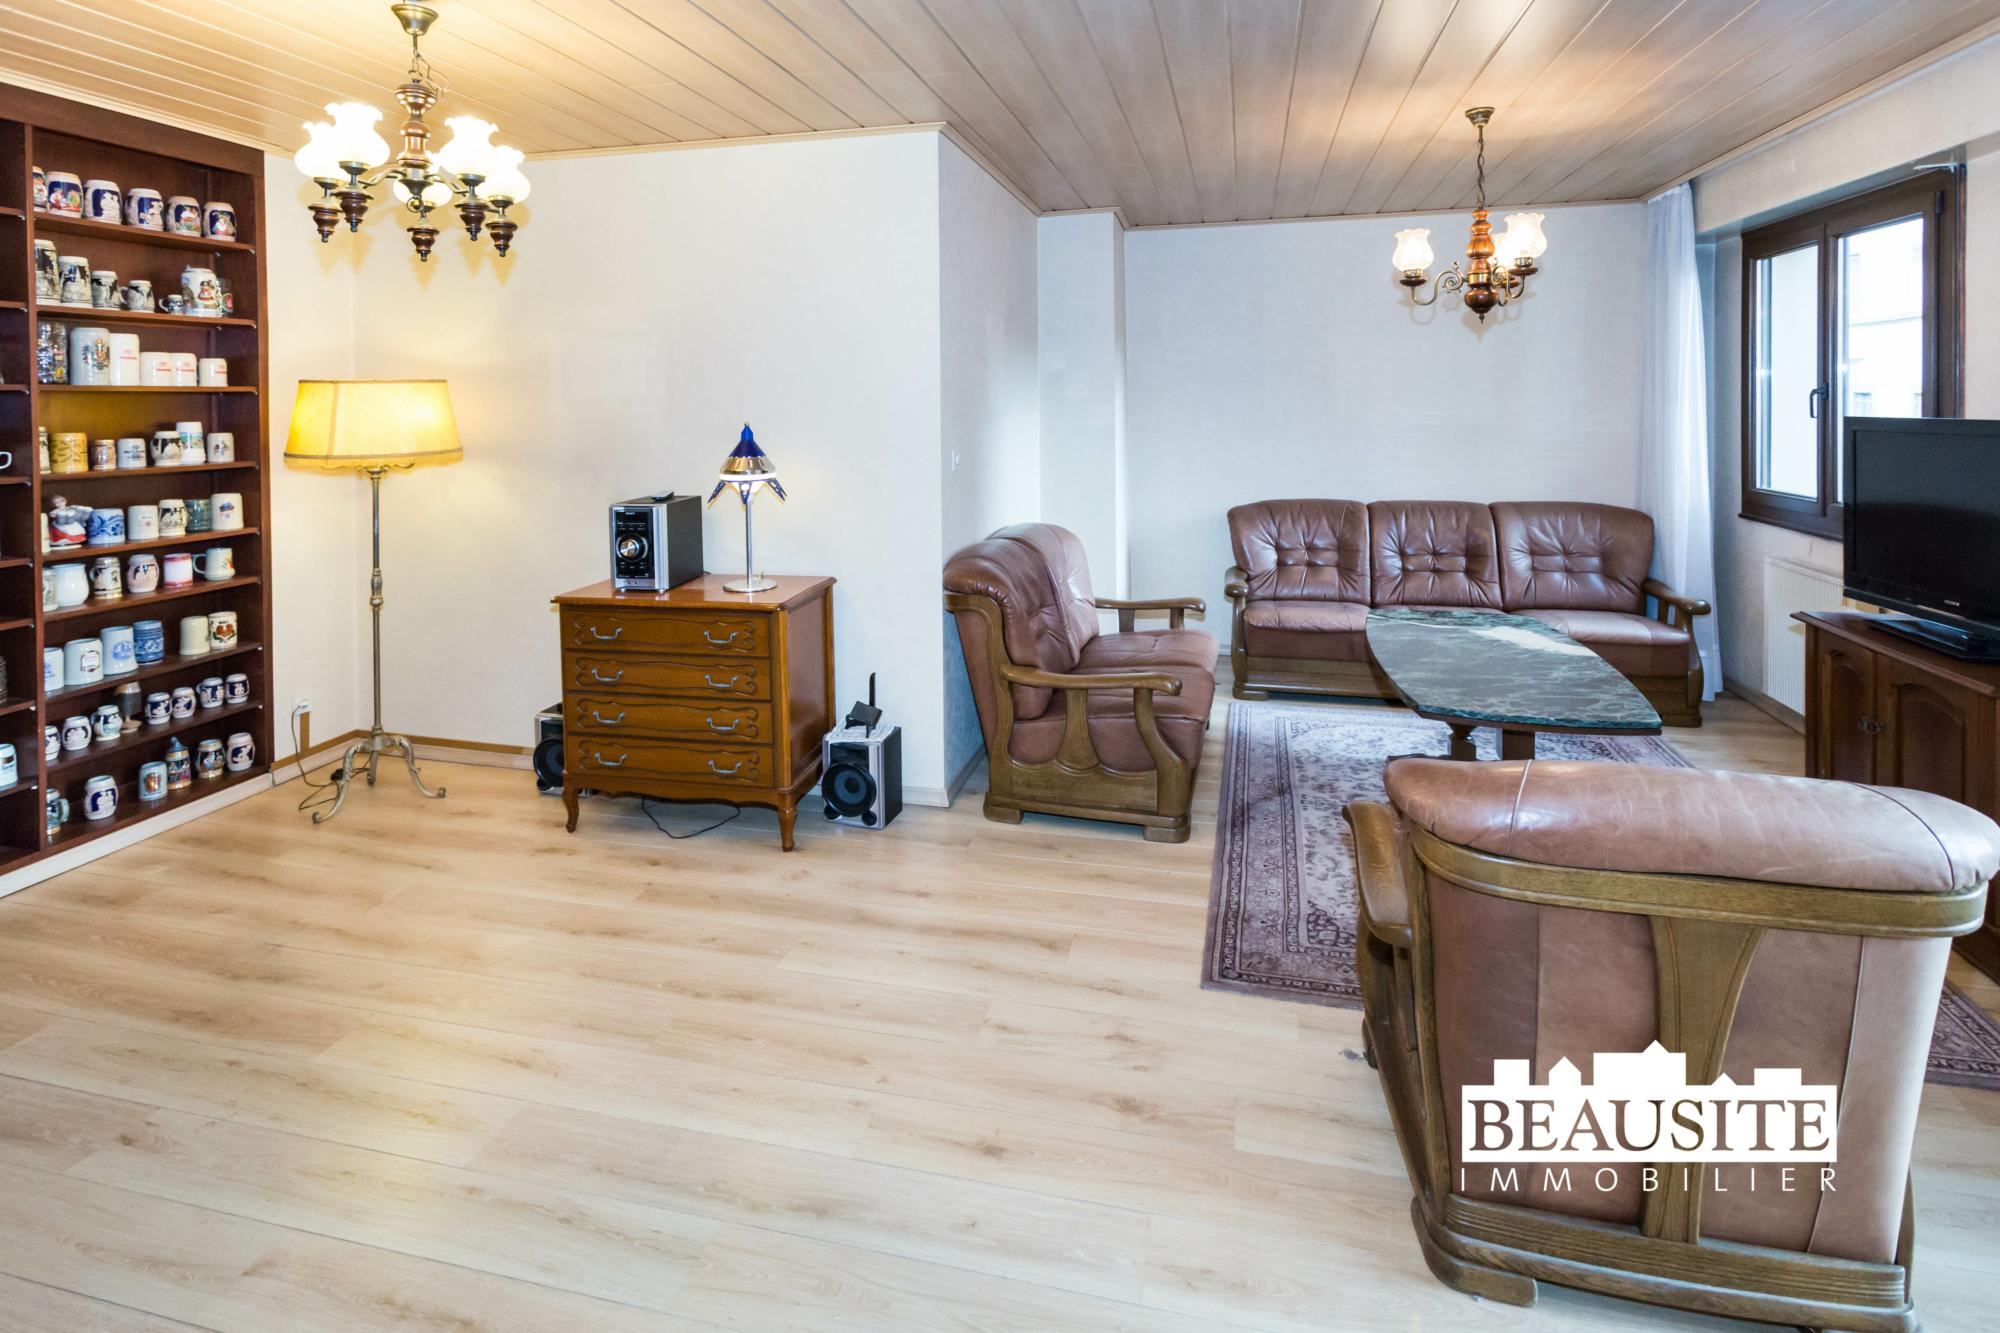 [Tonton] Un appartement familial avec balcon et garage - Neudorf / rue Saint-Amarin - nos ventes - Beausite Immobilier 5